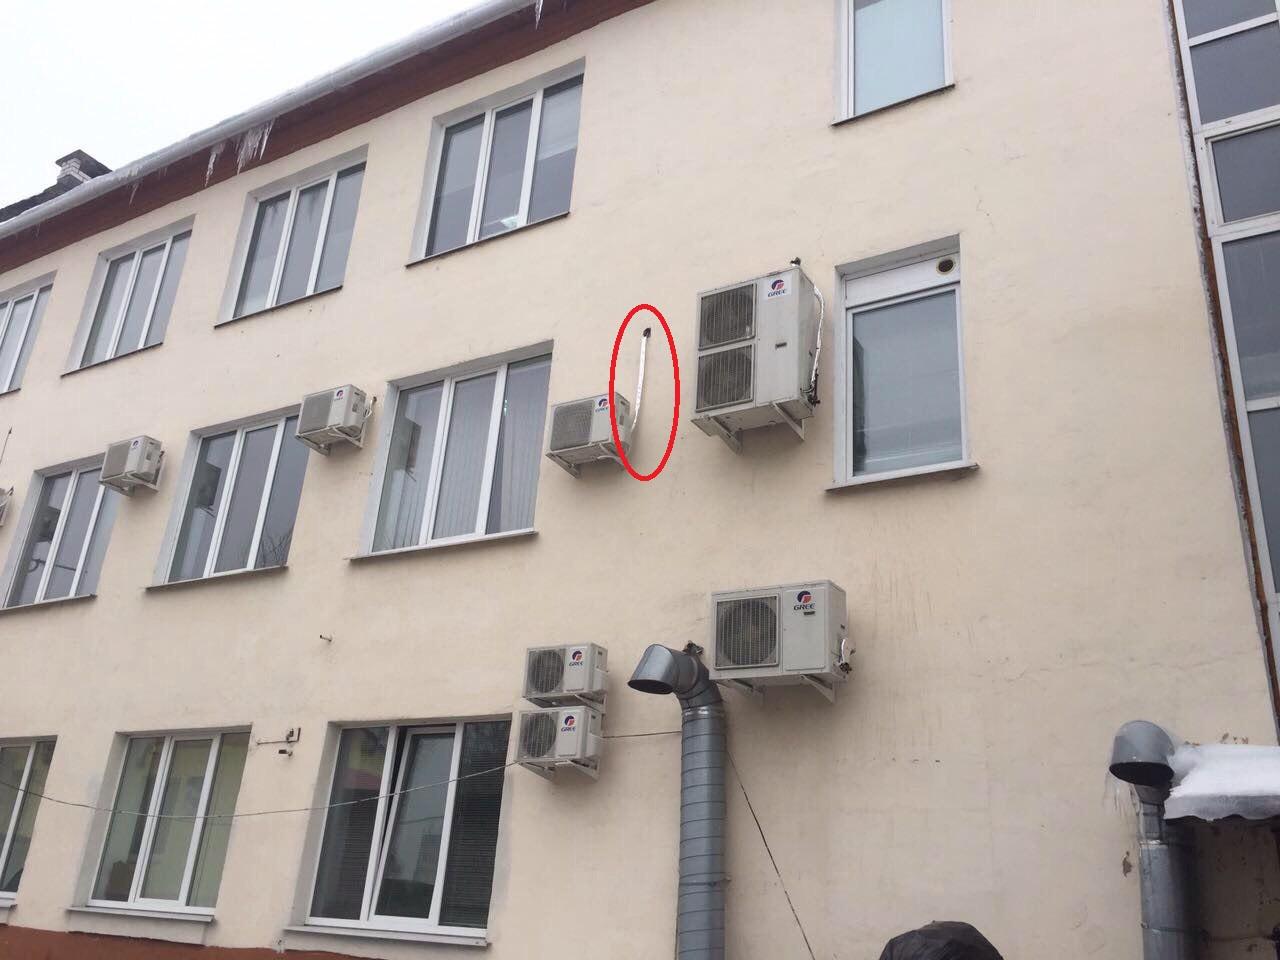 Можно установить кондиционер выше и избежать ухуднение вида фасада